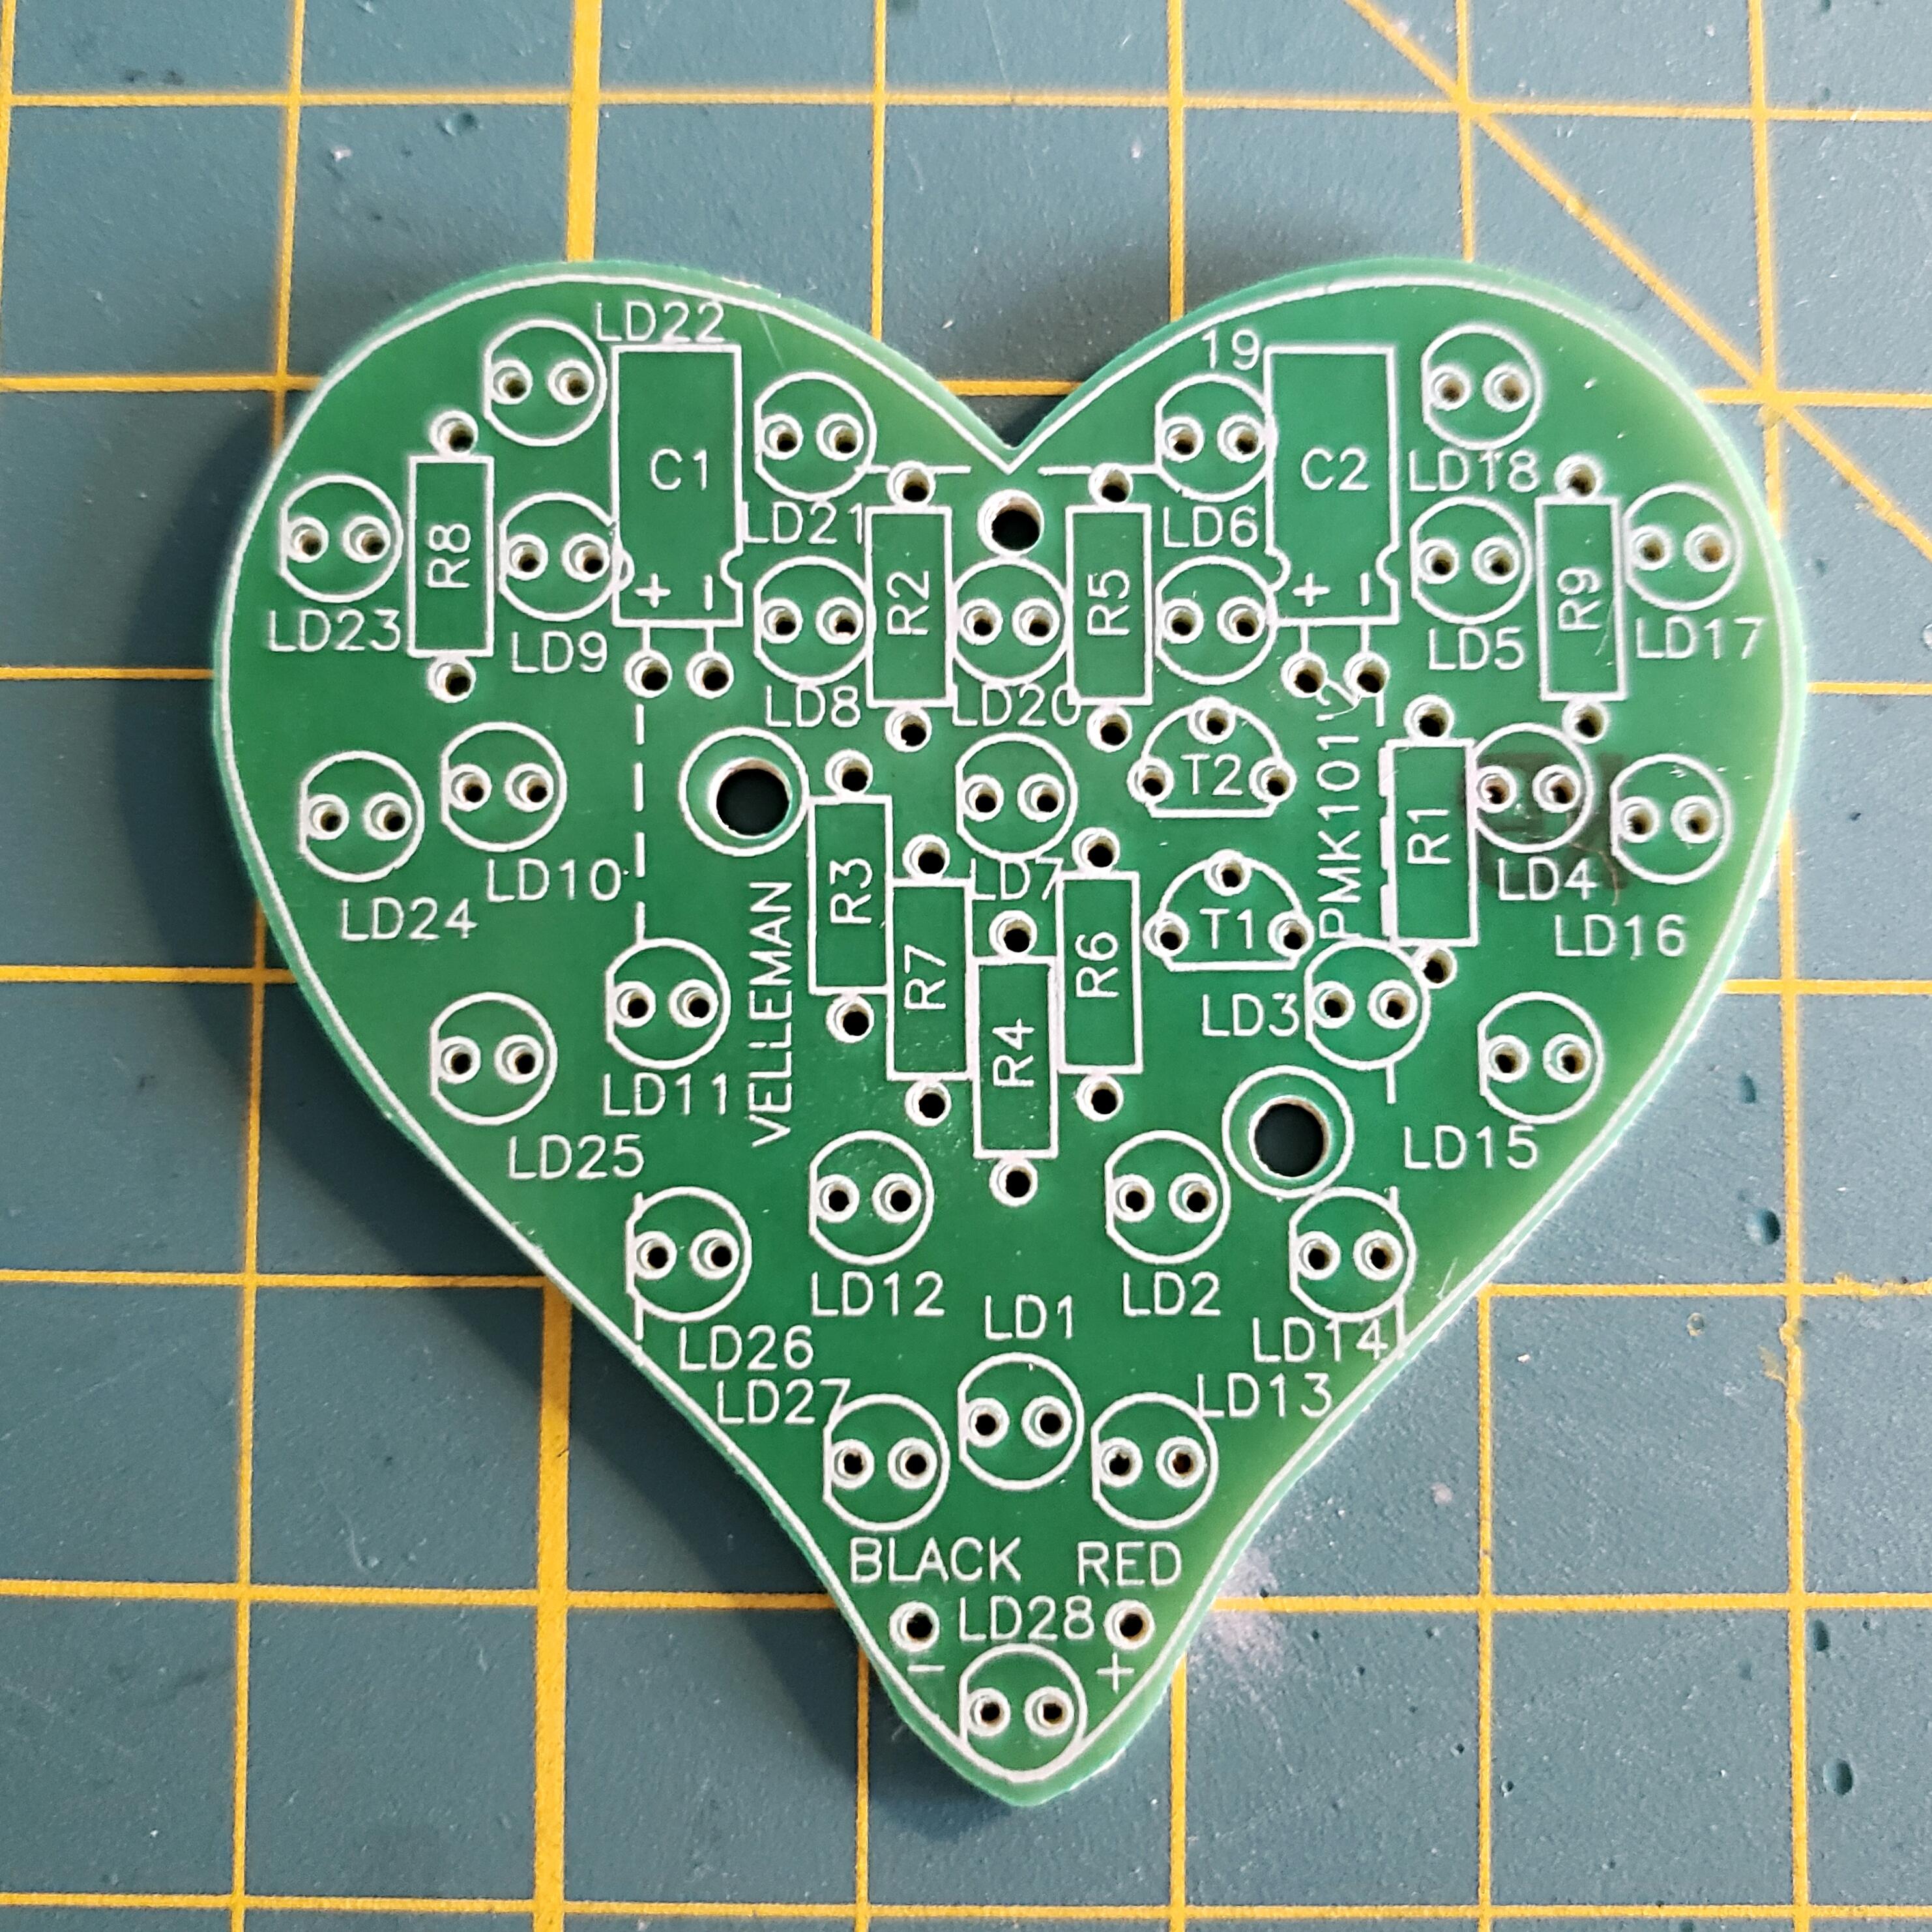 Flashing Heart Circuit Diagram